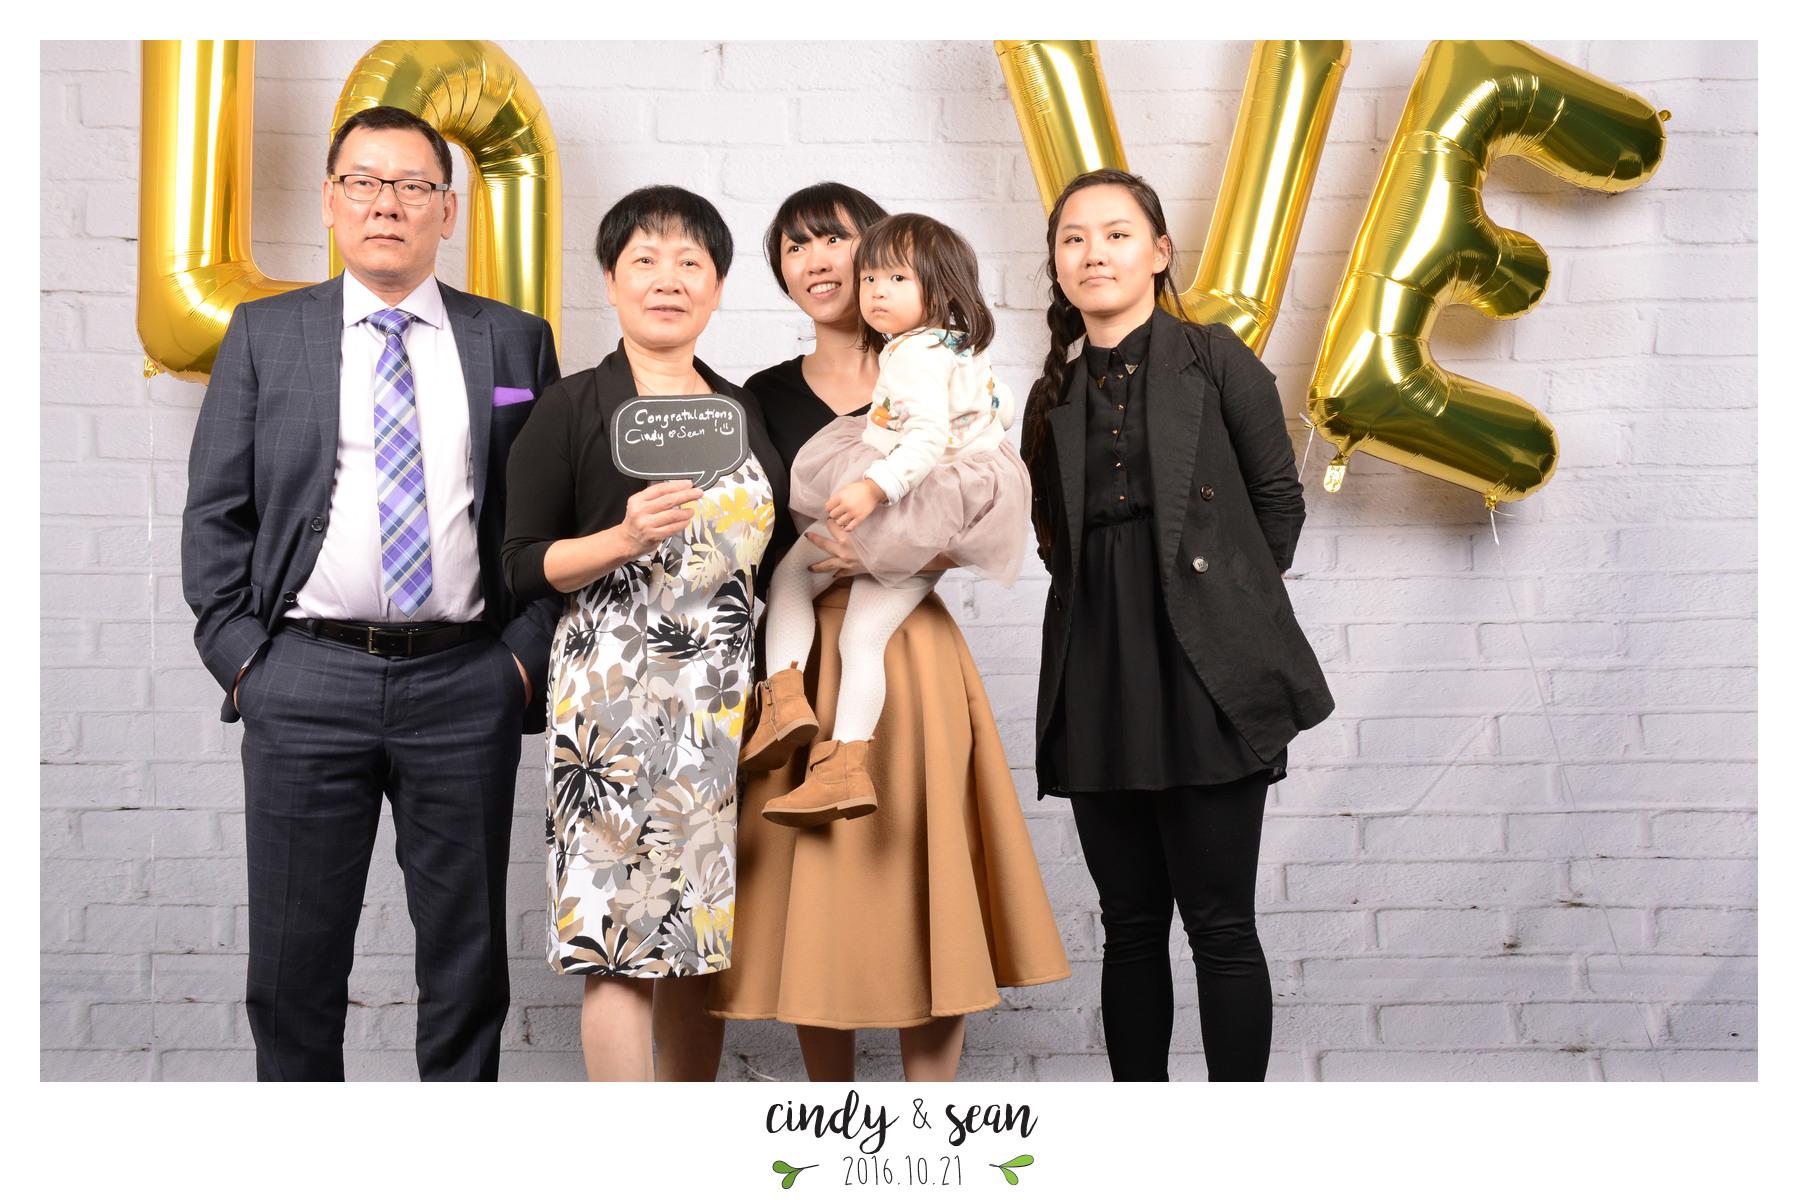 Cindy Sean Bae - 0001-15.jpg